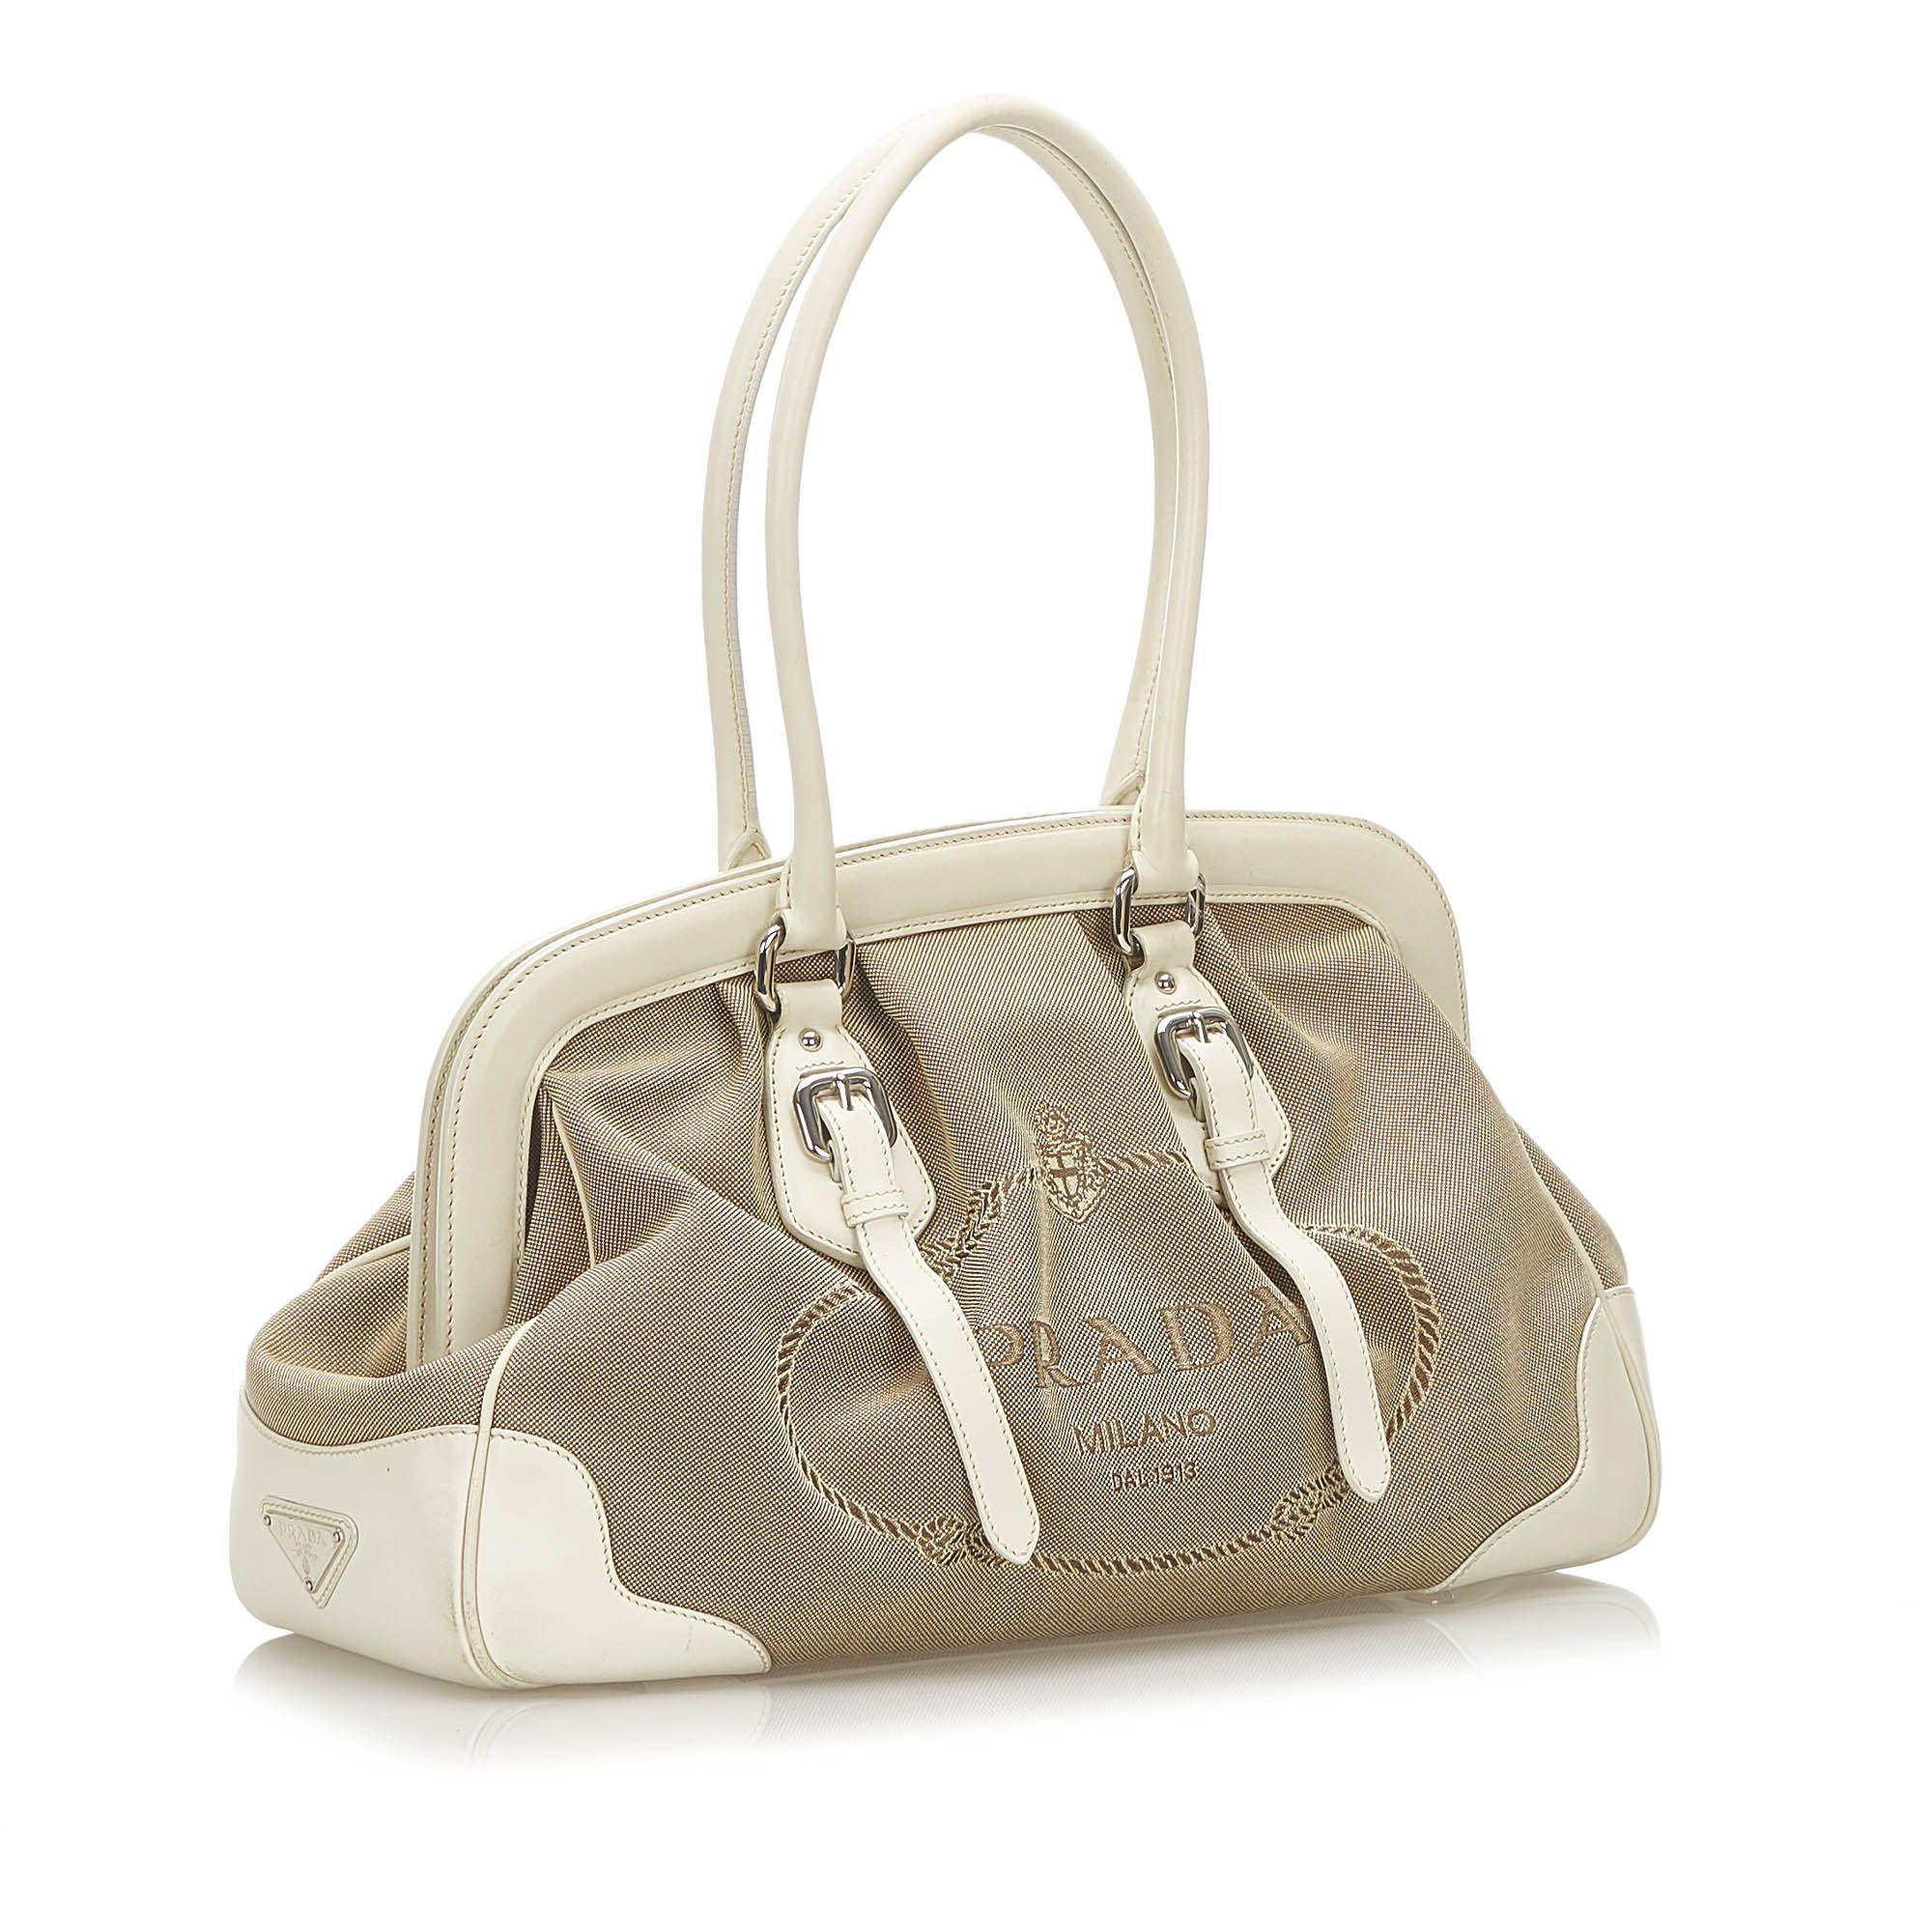 Vintage Prada Canapa Logo Frame Canvas Handbag Brown